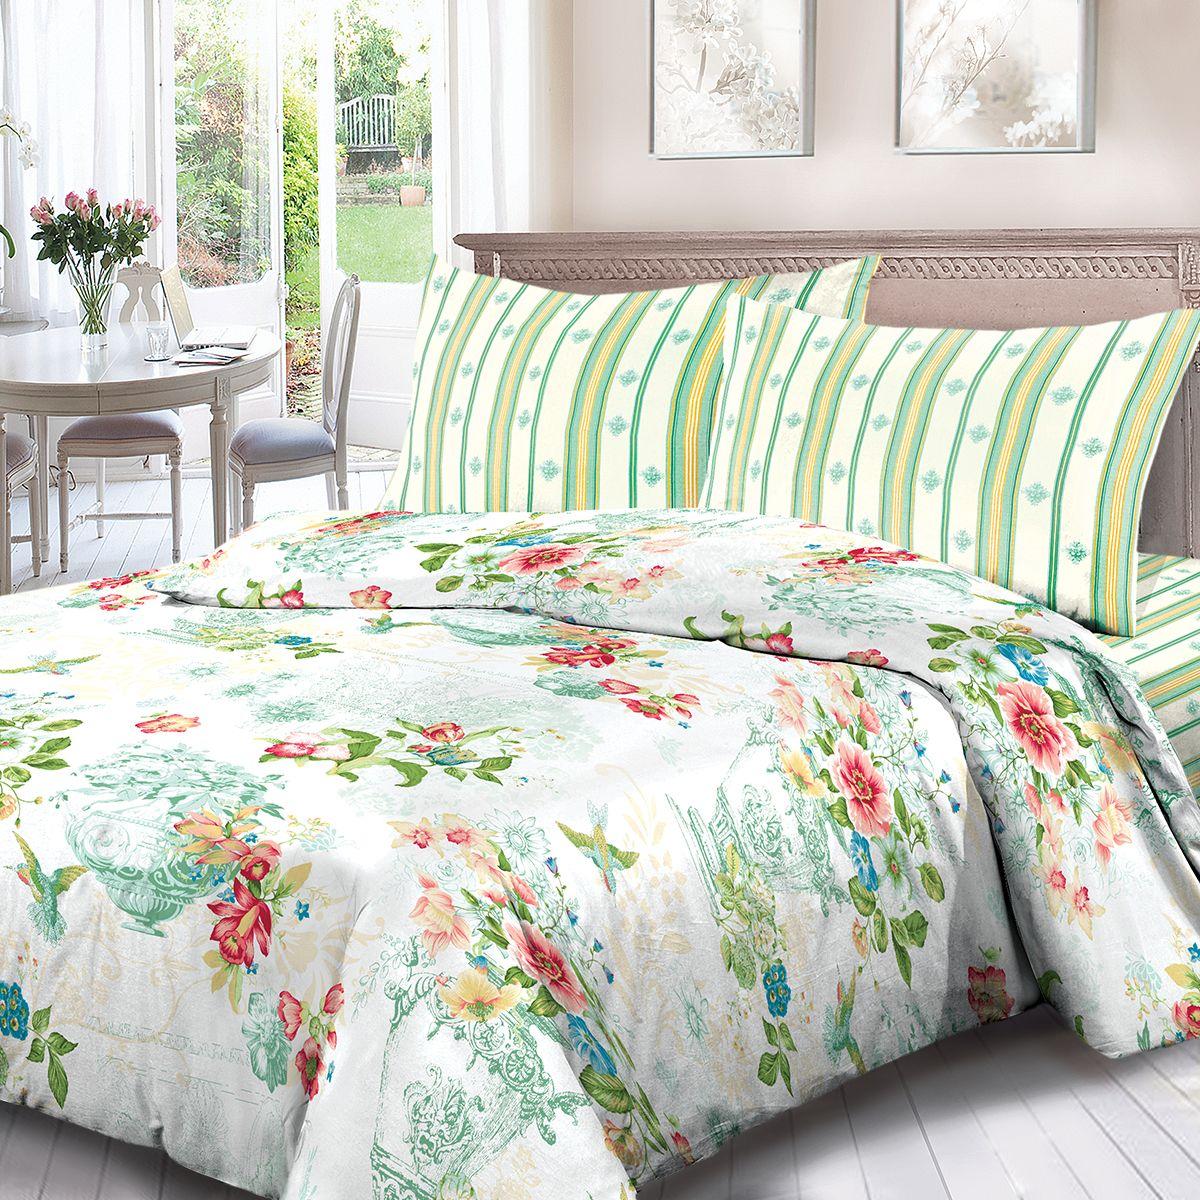 Комплект белья Для Снов Колибри, 1,5 спальное, наволочки 70x70, цвет: зеленый. 1812-184449